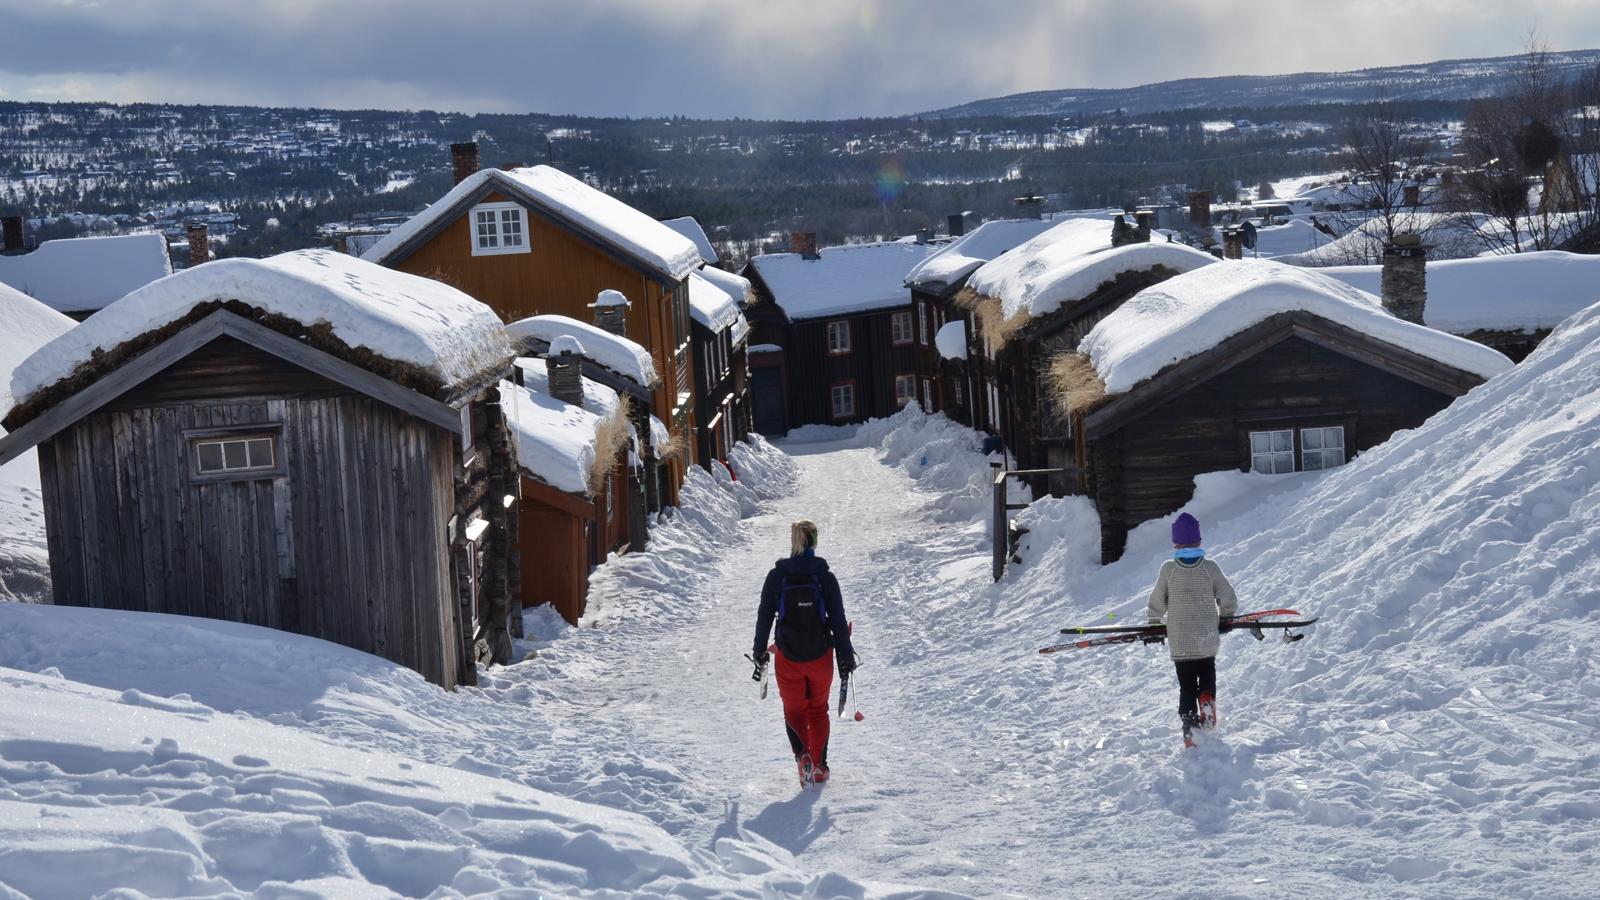 Påskestemning i Sleggveien på Røros. Foto: Finn Nilsen / trondelag.com